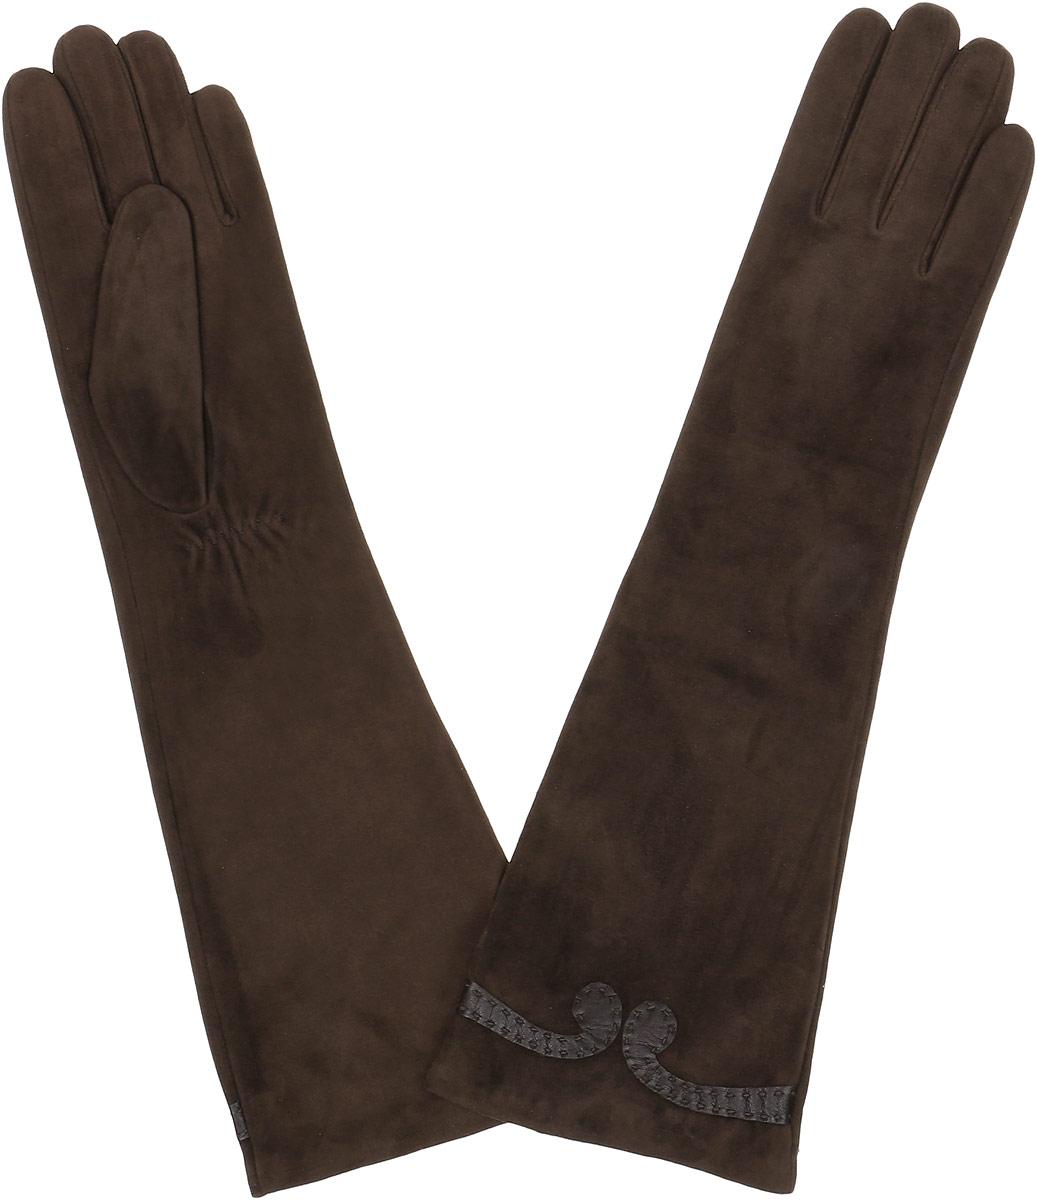 Перчатки женские Fabretti, цвет: шоколадный. 2.84-2. Размер 72.84-2 chocolateЭлегантные удлиненные женские перчатки Fabretti станут великолепным дополнением вашего образа и защитят ваши руки от холода и ветра во время прогулок. Перчатки выполнены из натуральной кожи ягненка. Модель декорирована небольшим узором из кожи. Такие перчатки будут оригинальным завершающим штрихом в создании современного модного образа, они подчеркнут ваш изысканный вкус и станут незаменимым и практичным аксессуаром.